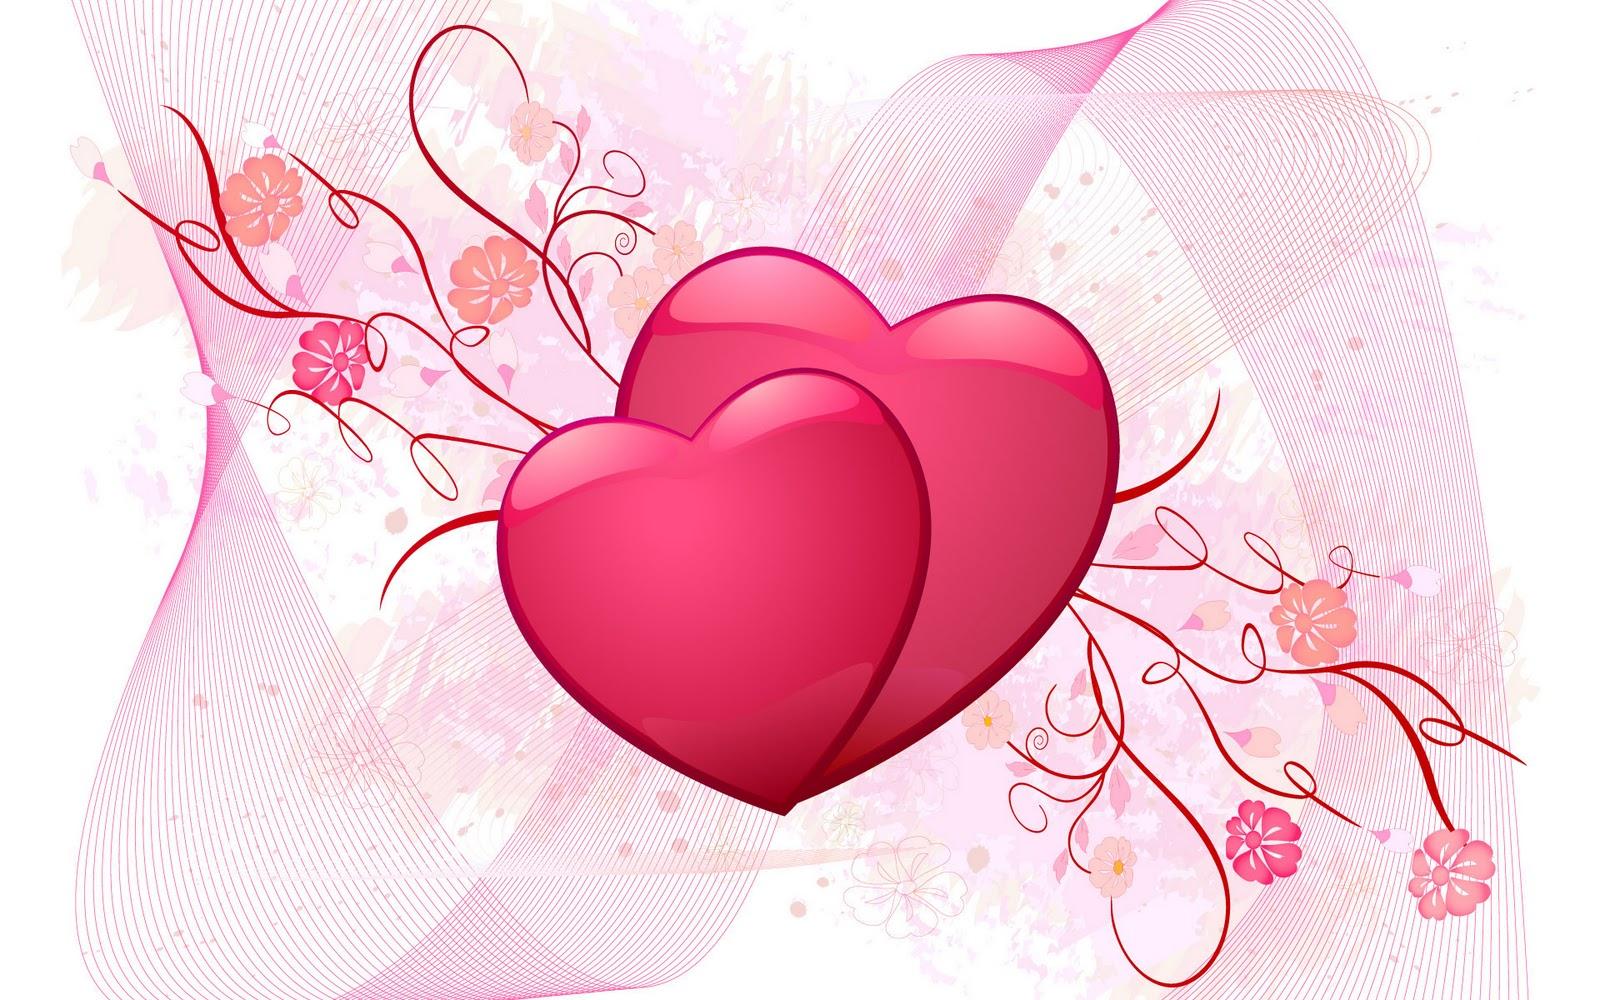 http://3.bp.blogspot.com/-gsWW02EMKJY/UIW3unvfD9I/AAAAAAAAI2k/OSe2v5wCSDU/s1600/Love-wallpaper-love-4187609-1920-1200.jpg